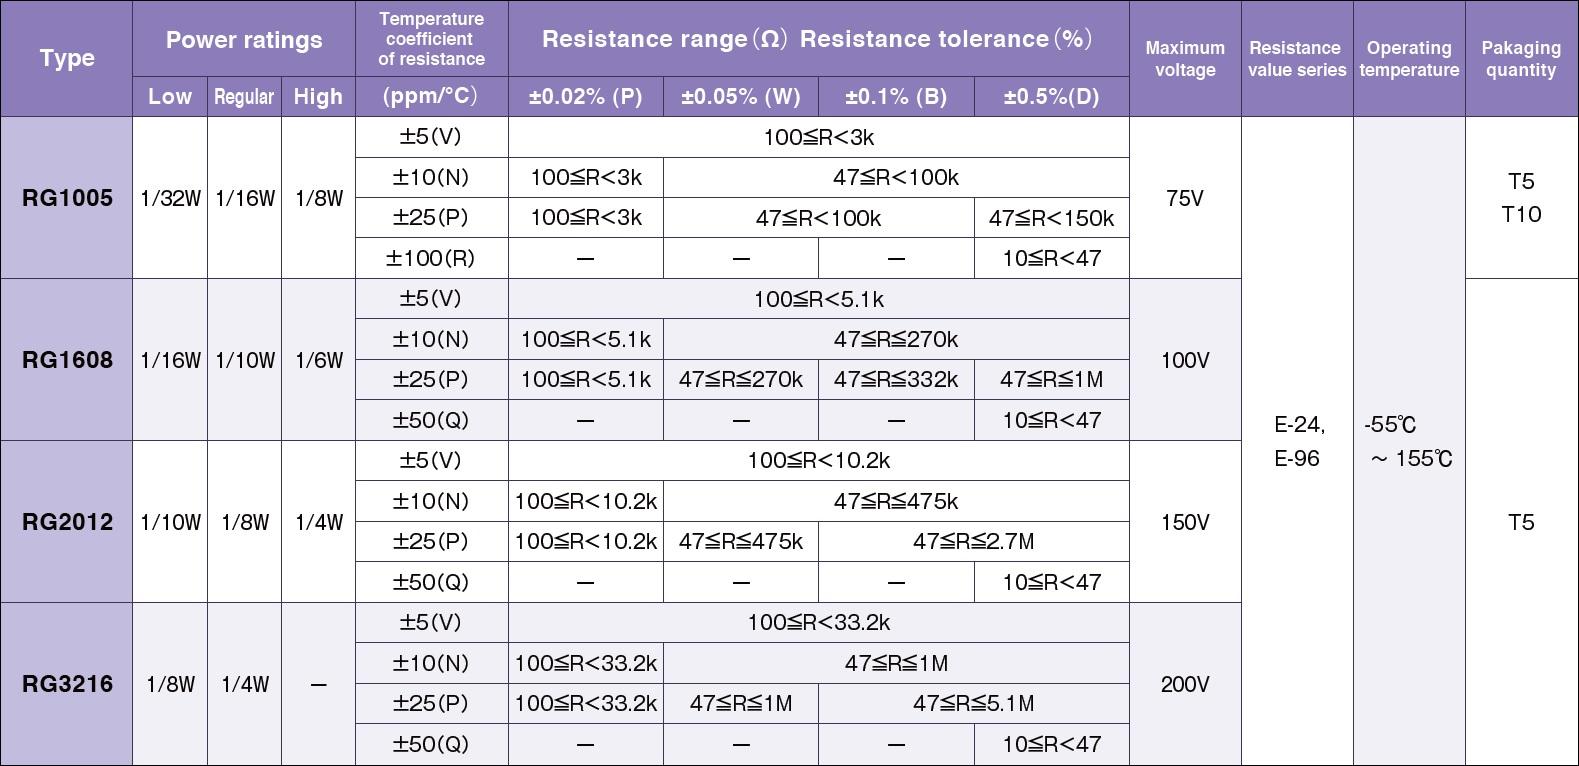 Susumu RG1005 Specifications